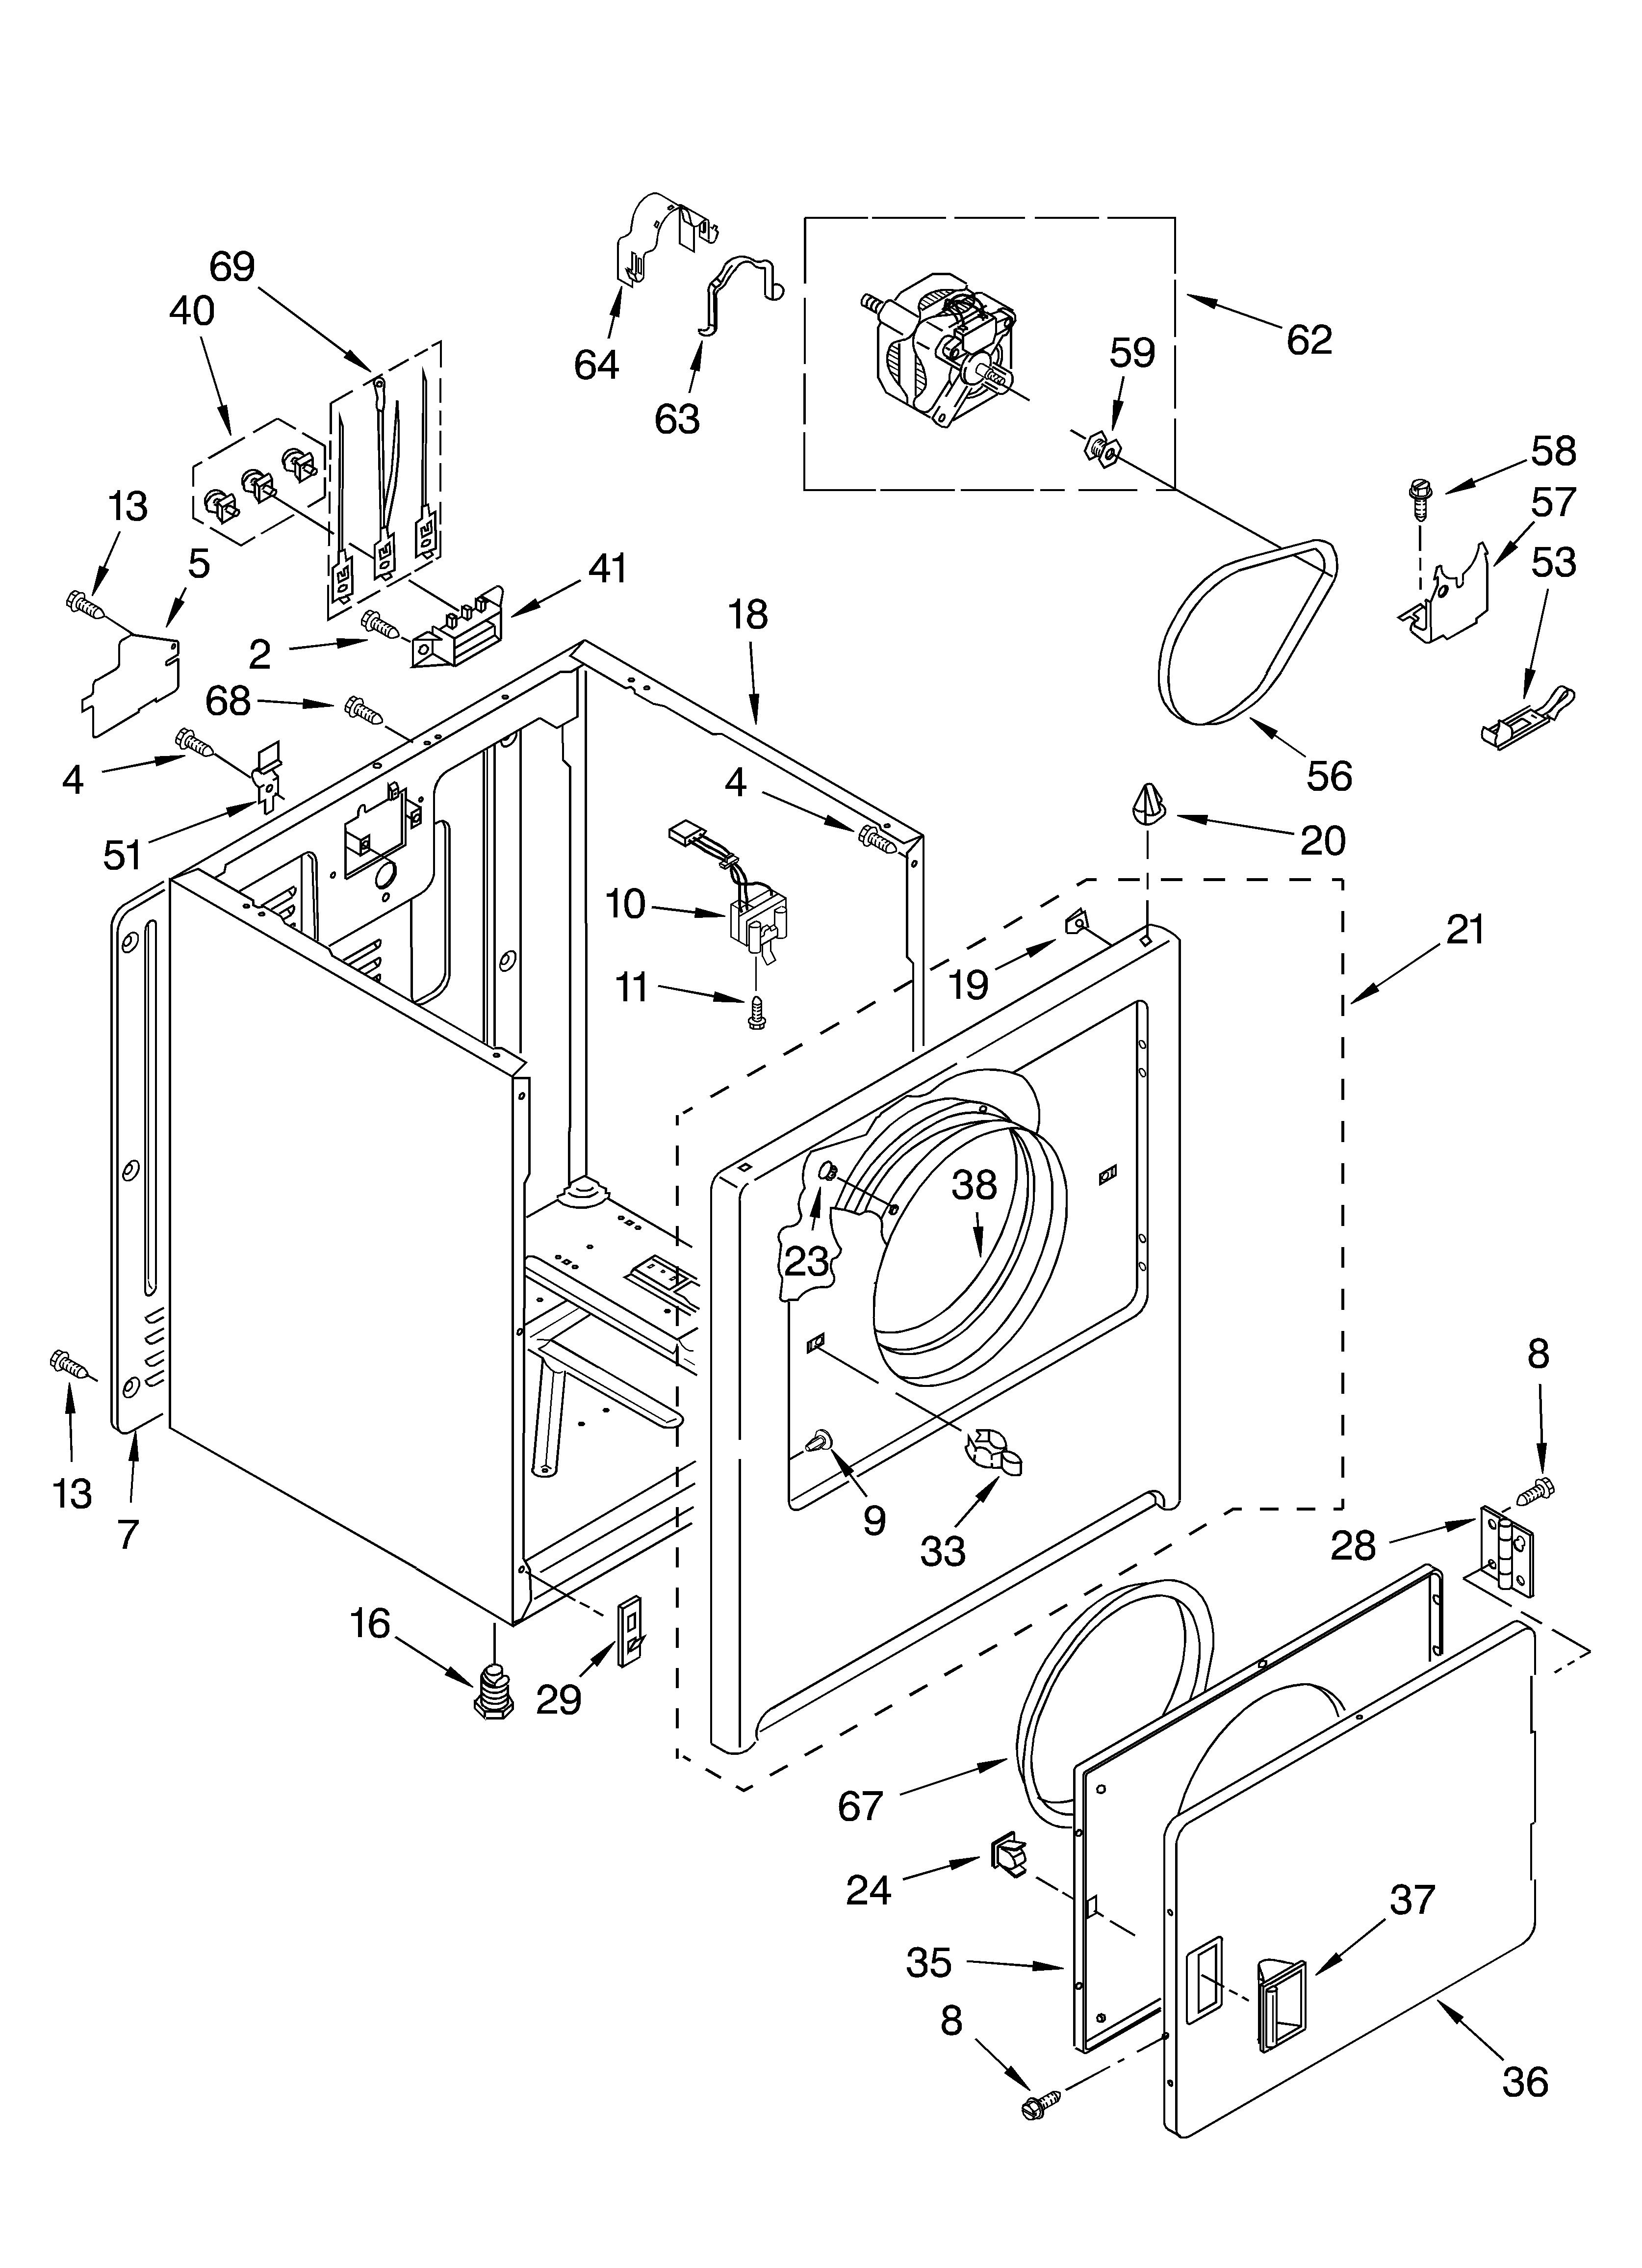 [DIAGRAM_5LK]  Roper Dryer Red4440vq1 Wiring Diagram - Heatpump Wiring Diagram for Wiring  Diagram Schematics | Roper Gas Dryer Wiring Diagram |  | Wiring Diagram Schematics